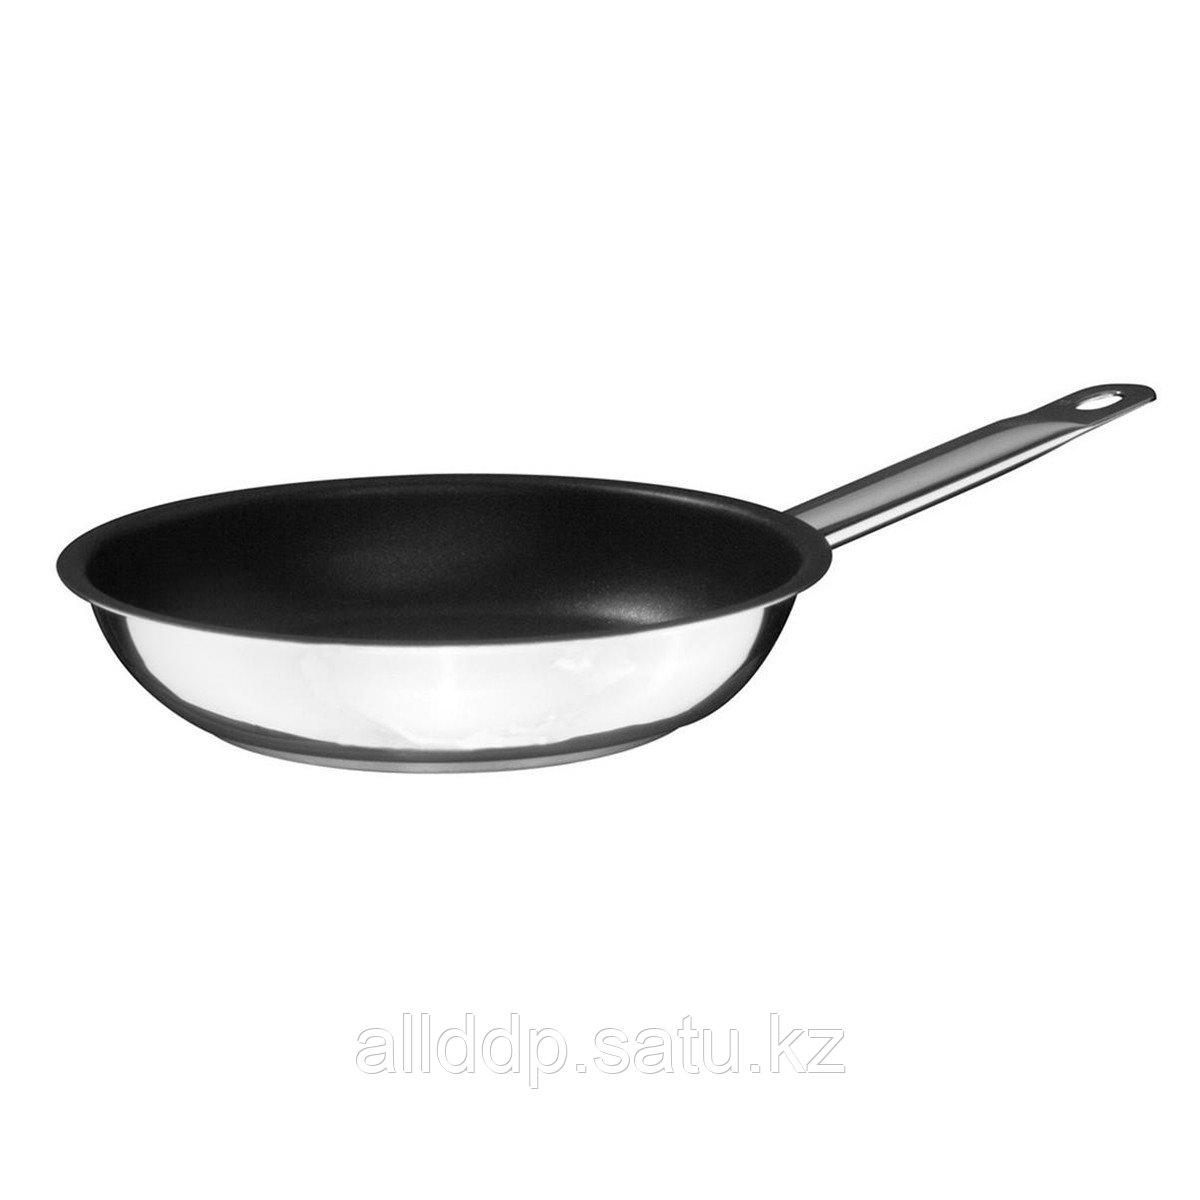 Сковорода профессиональная, 24 см, сталь, тефл.покрытие